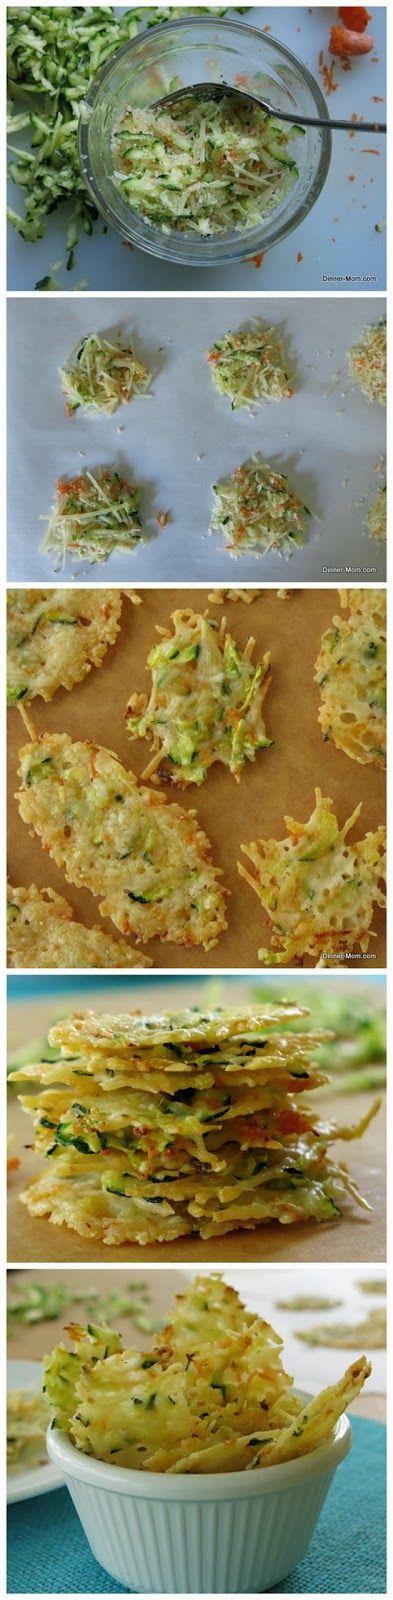 Patatas fritas de queso parmesano atada con calabacín y zanahorias - Recipebest